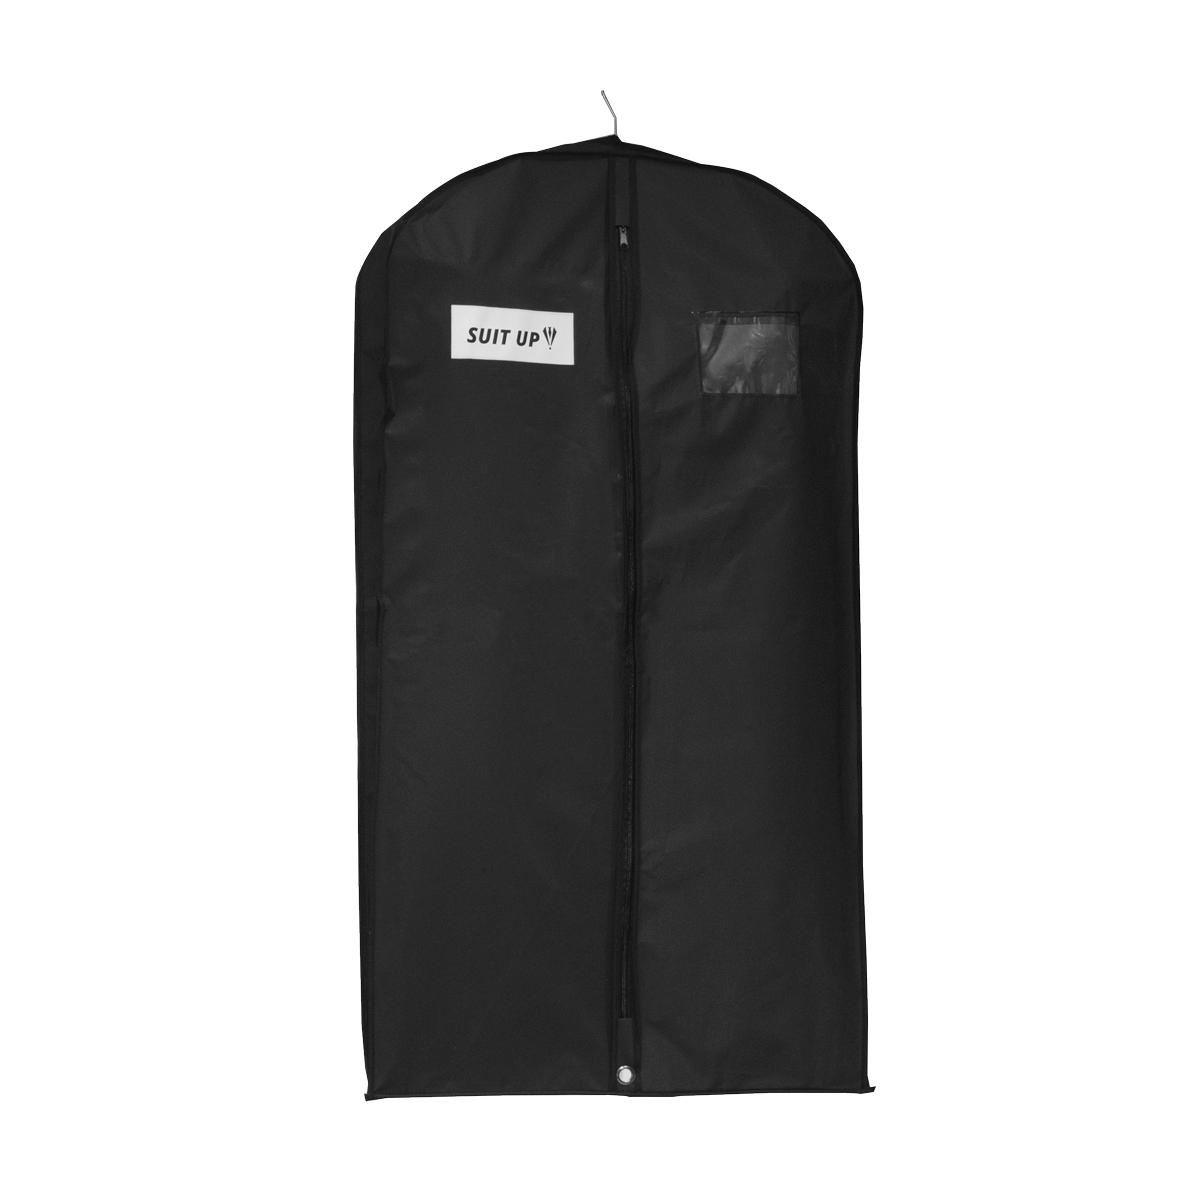 kledinghoes-suitup-product